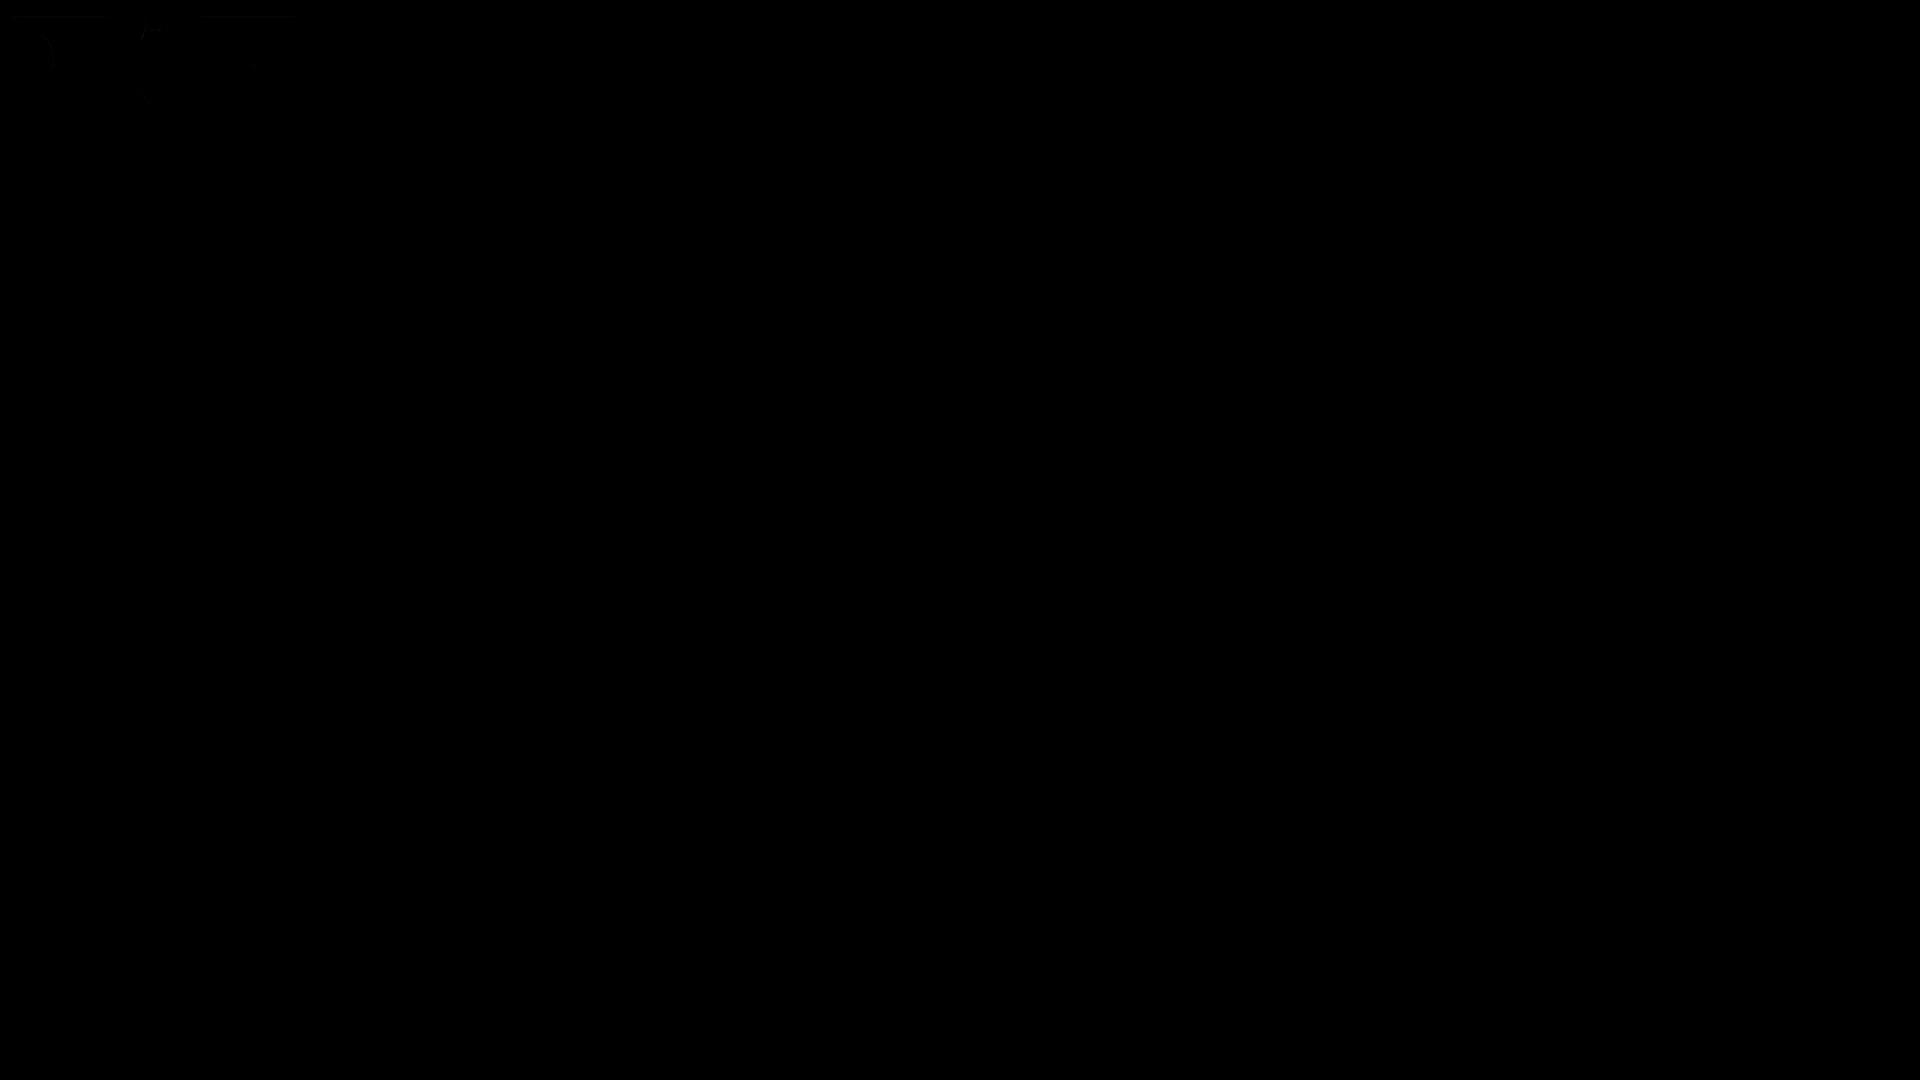 ステーション編 vol.28 無料動画に登場したモデルつい本番登場!! 高画質 アダルト動画キャプチャ 99枚 41